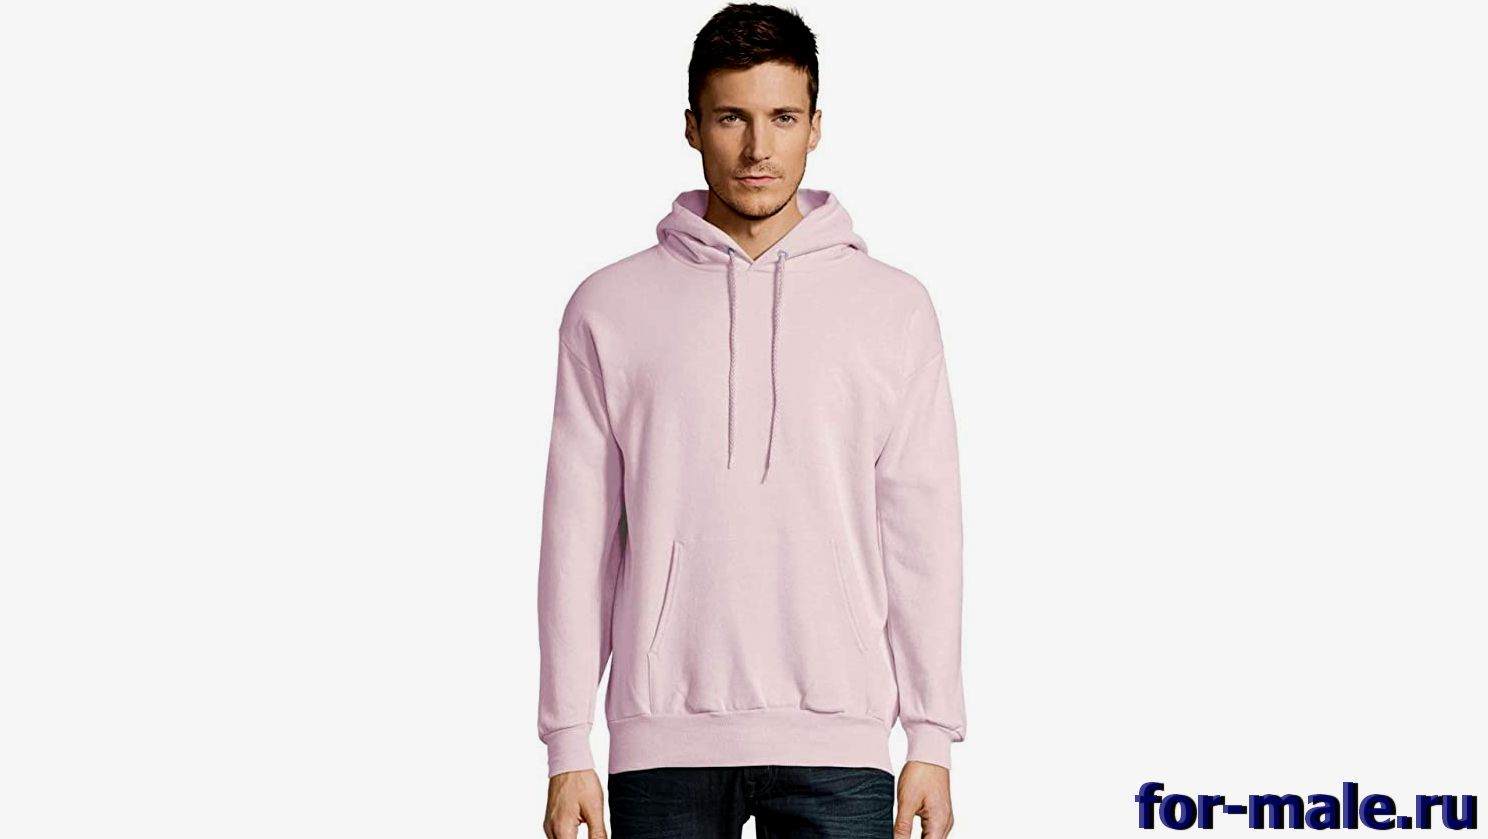 Носят ли мужчины розовый цвет